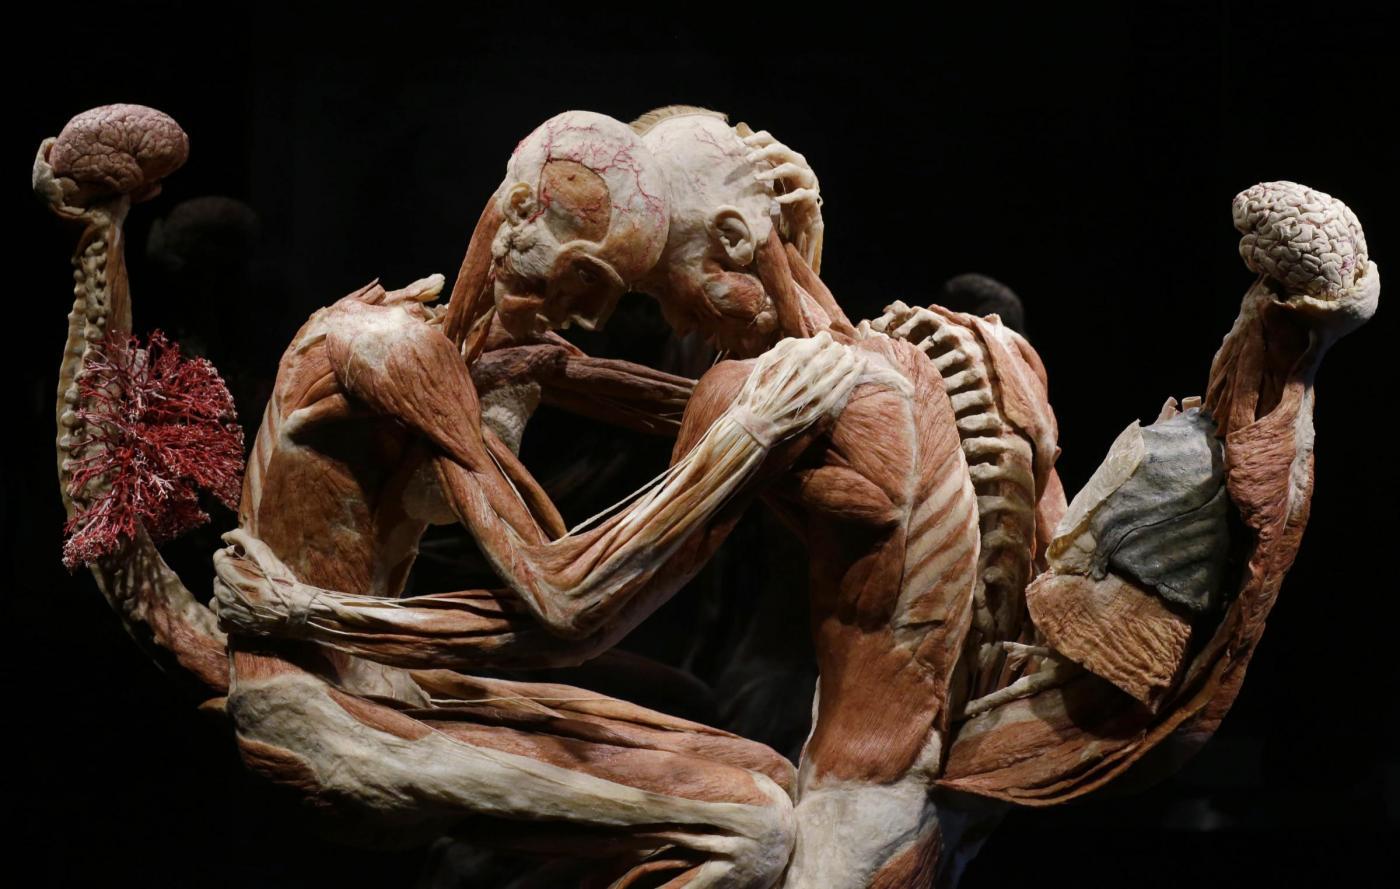 Анатомічна виставка Ґунтера фон Гаґенса «Всесвіт тіла» триватиме у Києві до грудня -  - body words 4